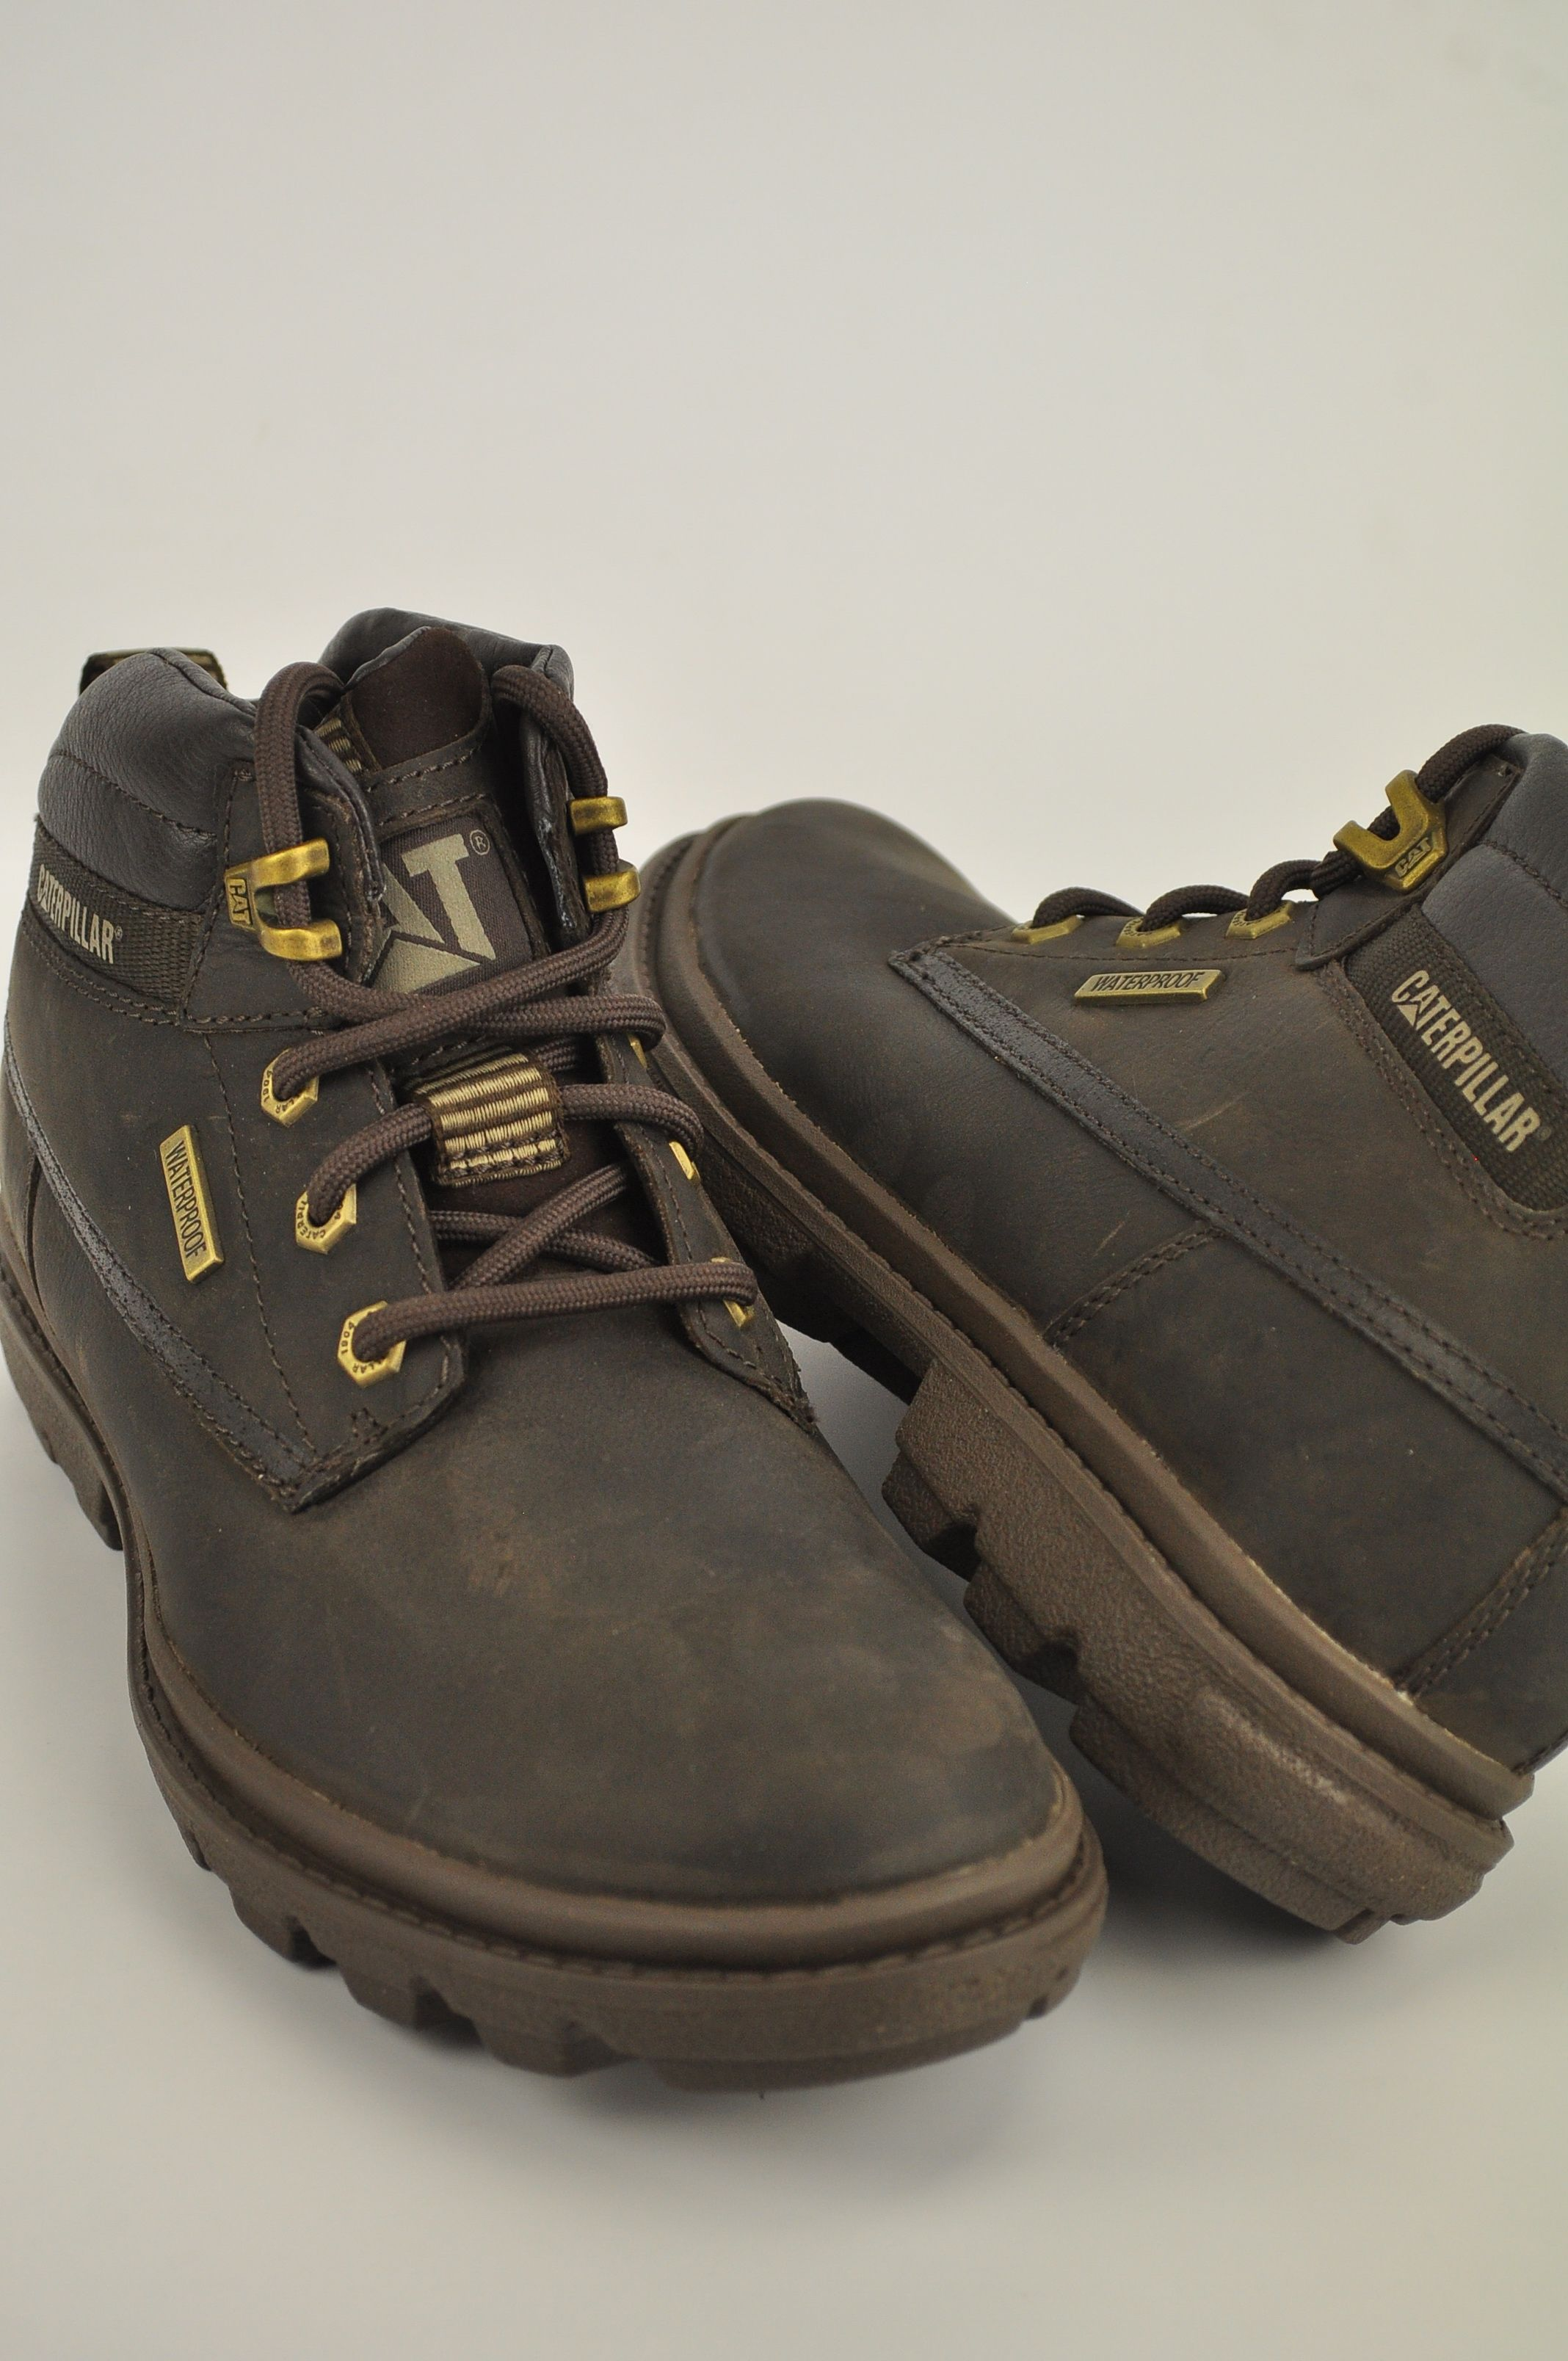 Botas Caterpillar Grady waterproof | zapatos y carteras